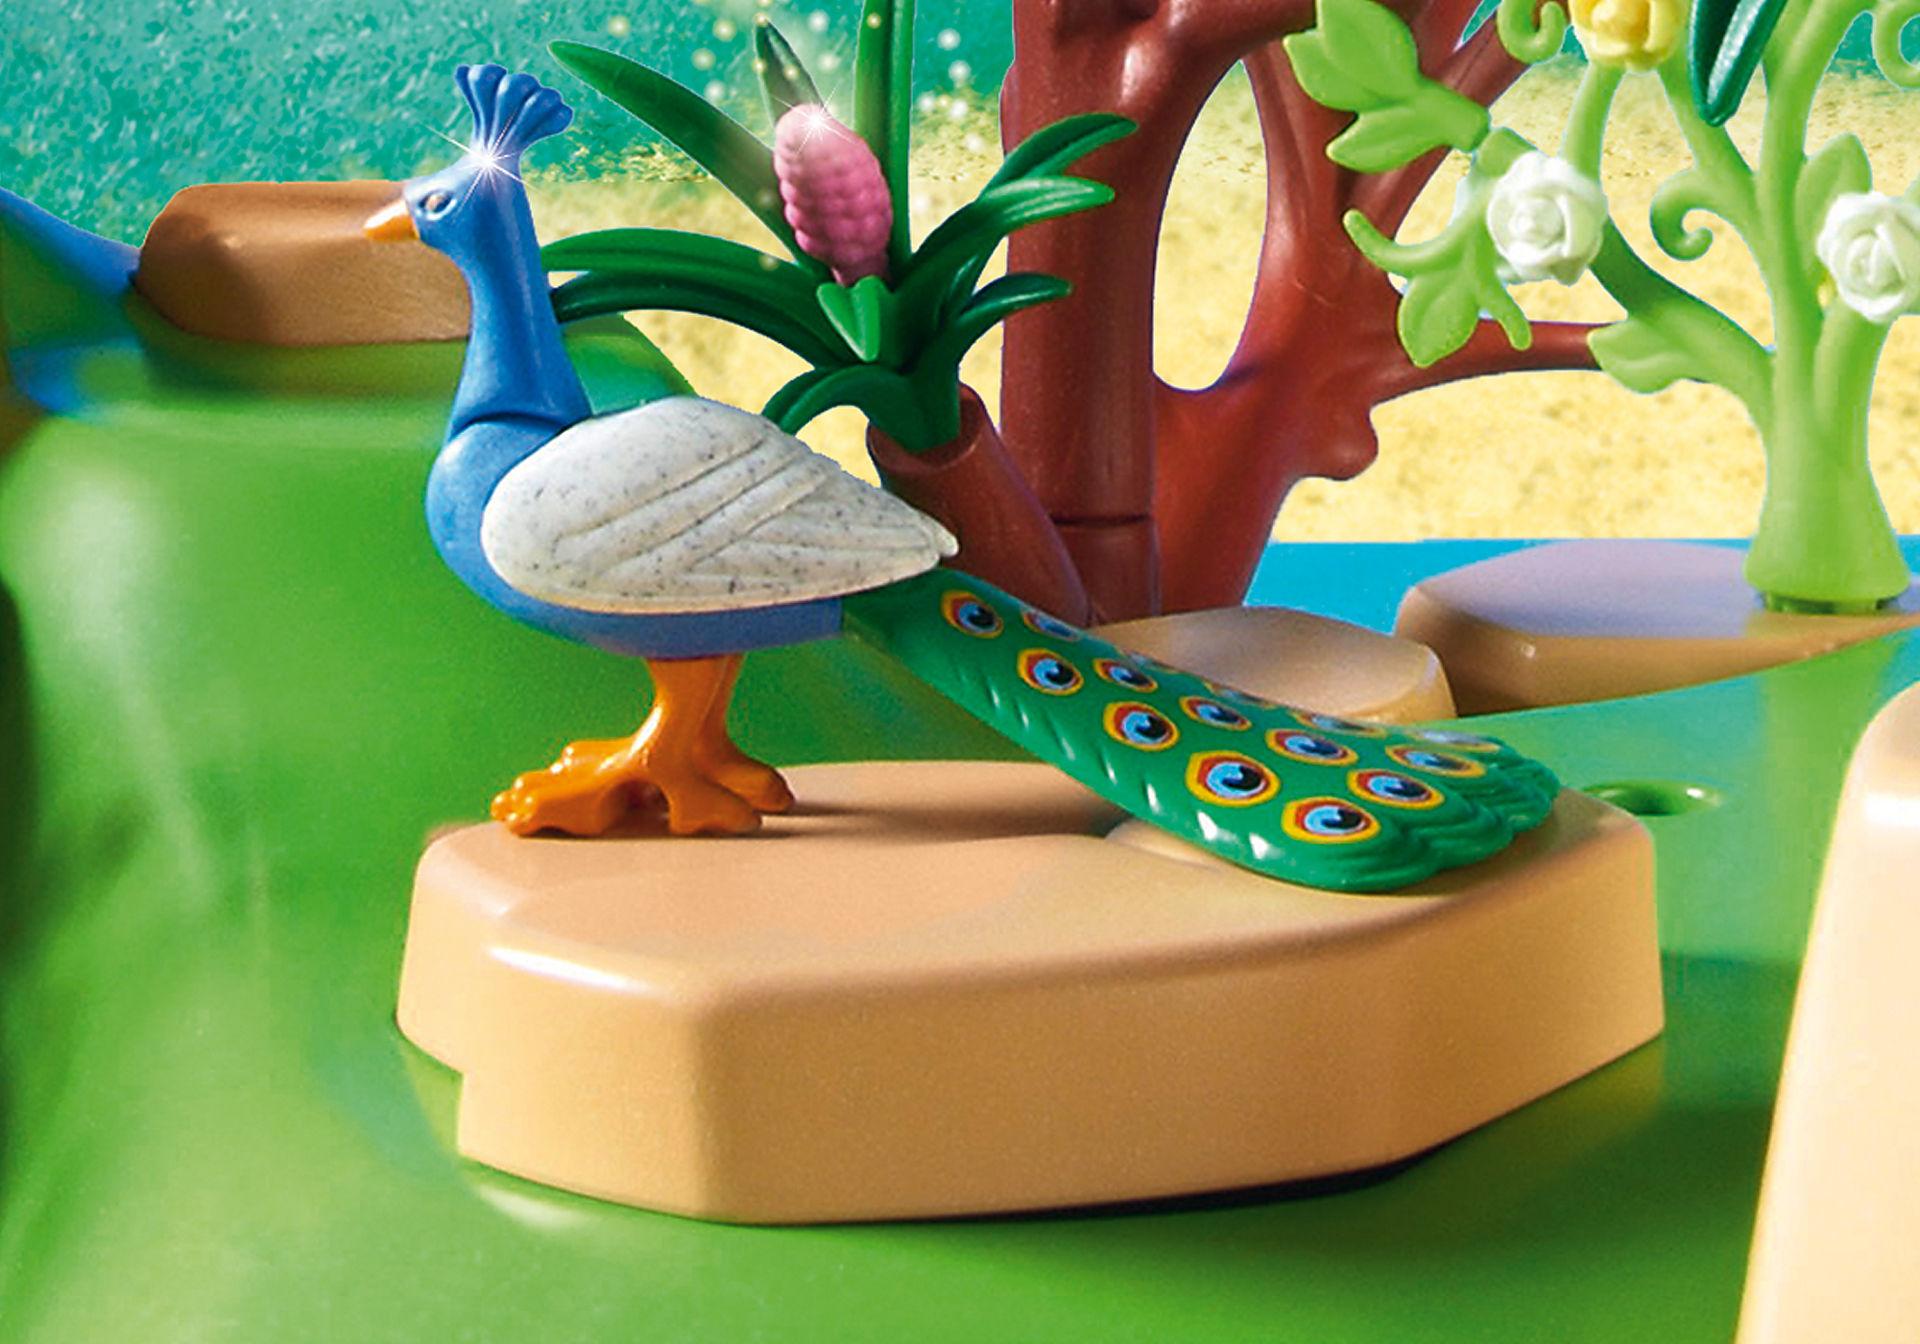 http://media.playmobil.com/i/playmobil/9132_product_extra5/Bosque Mágico das Fadas